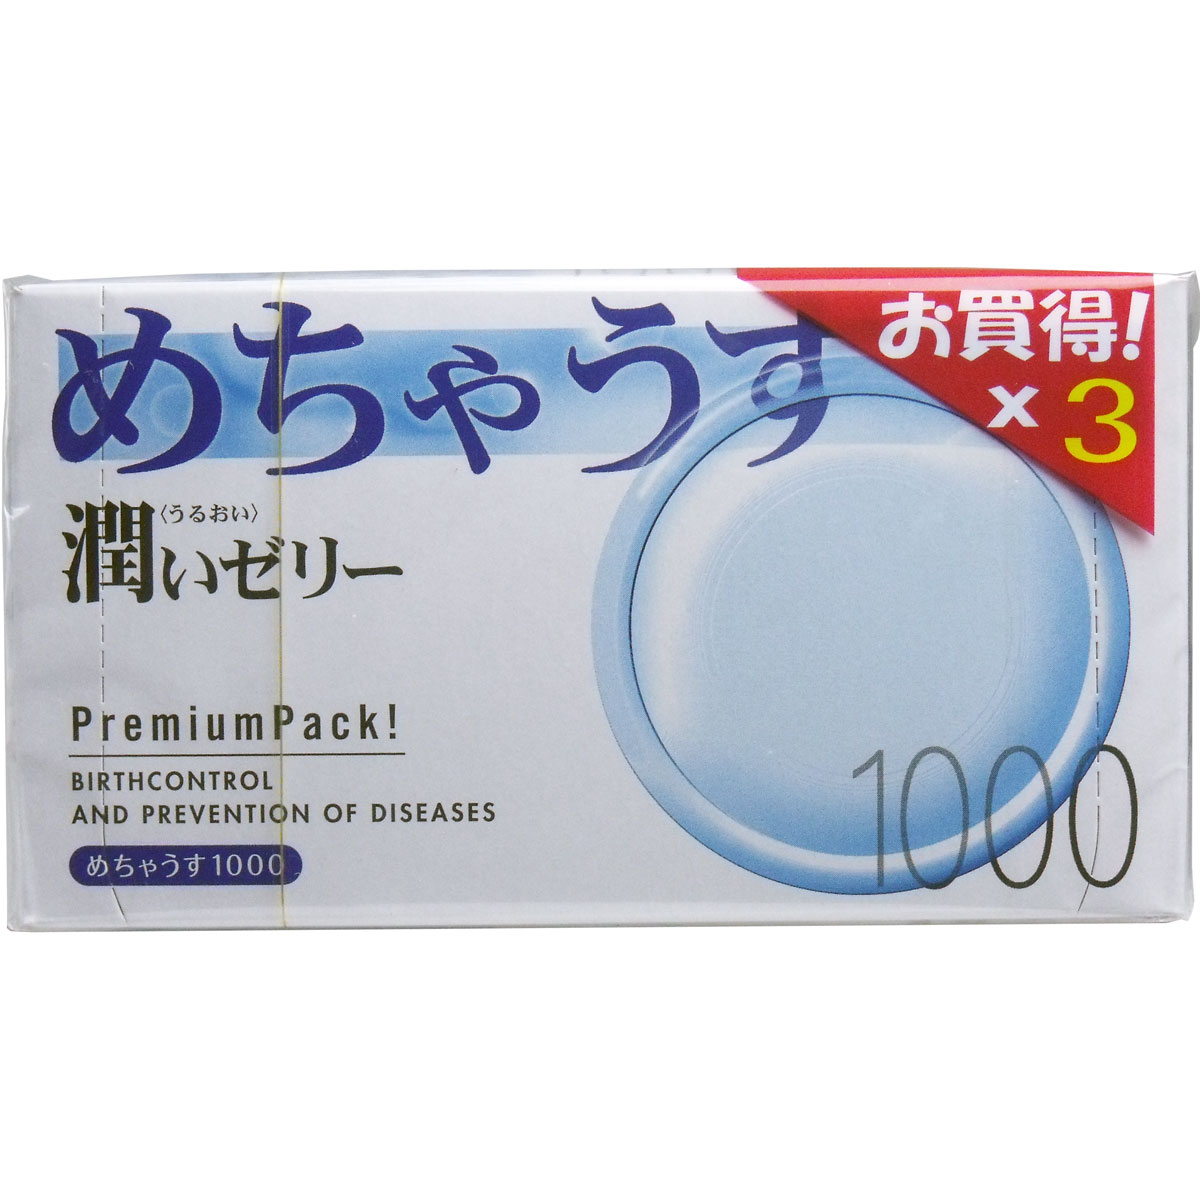 めちゃうす コンドーム 1000×3個パック